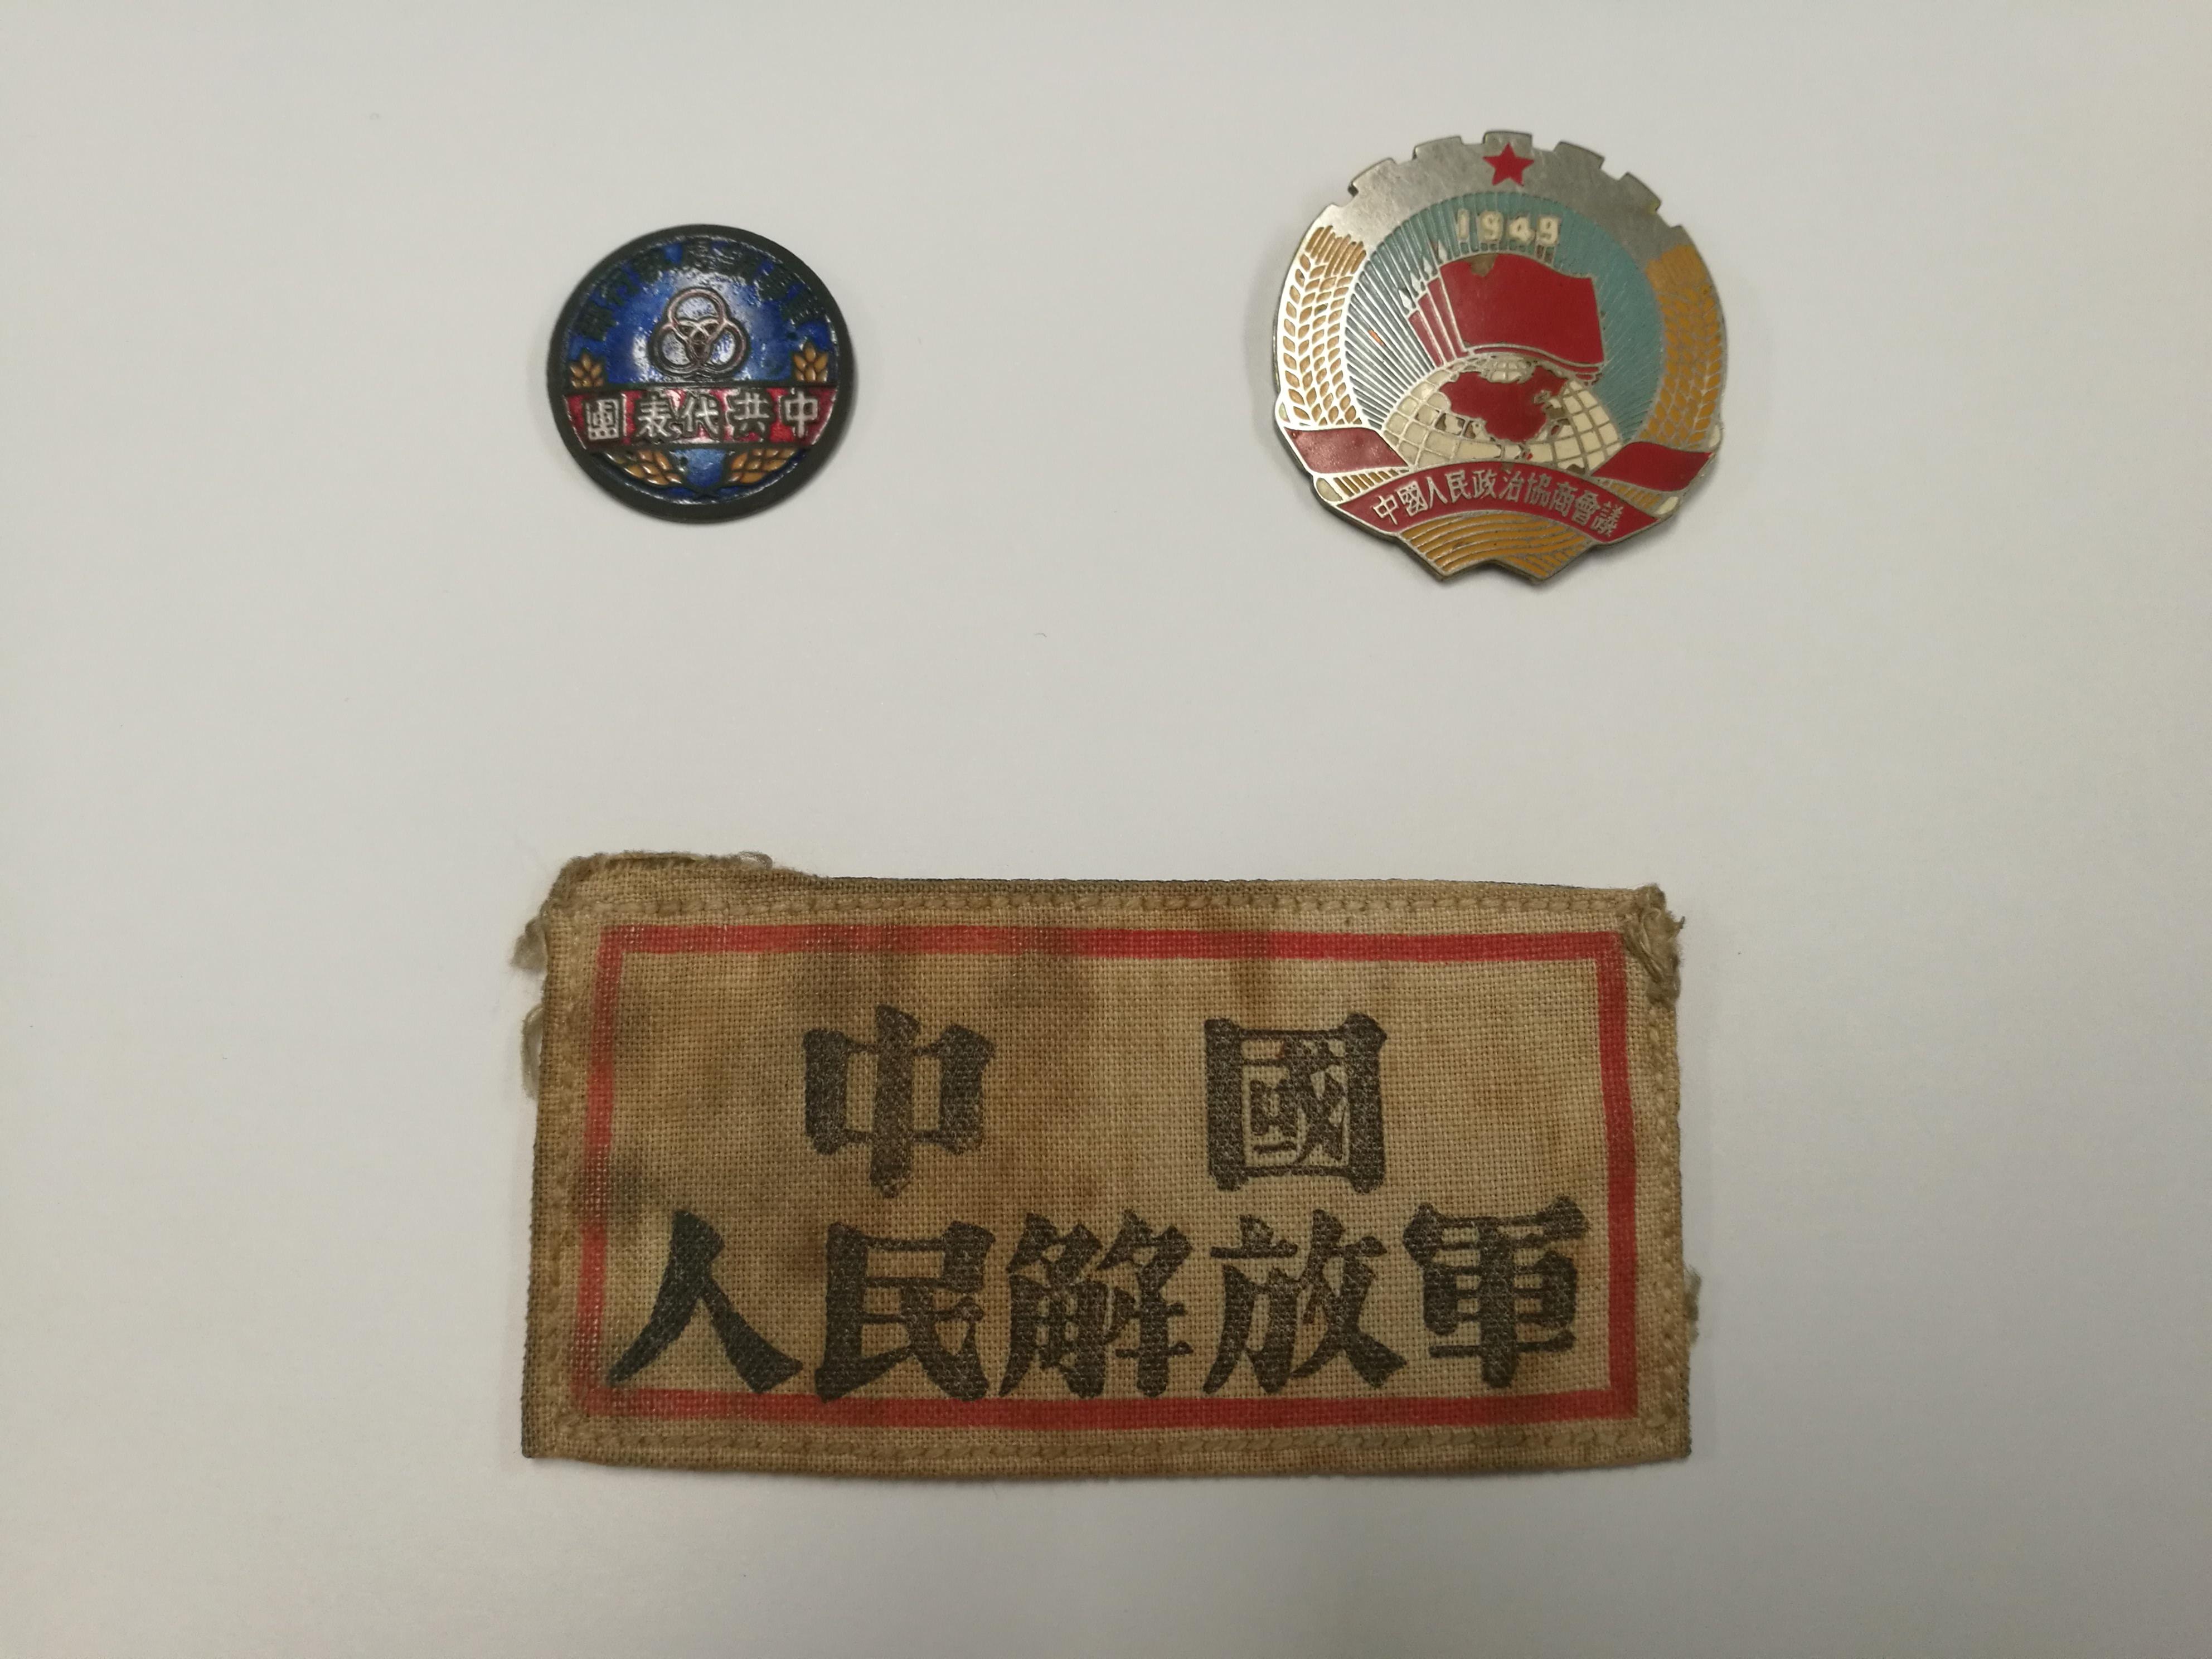 开馆首次文物征集——香山革命纪念馆新征三件文物的故事